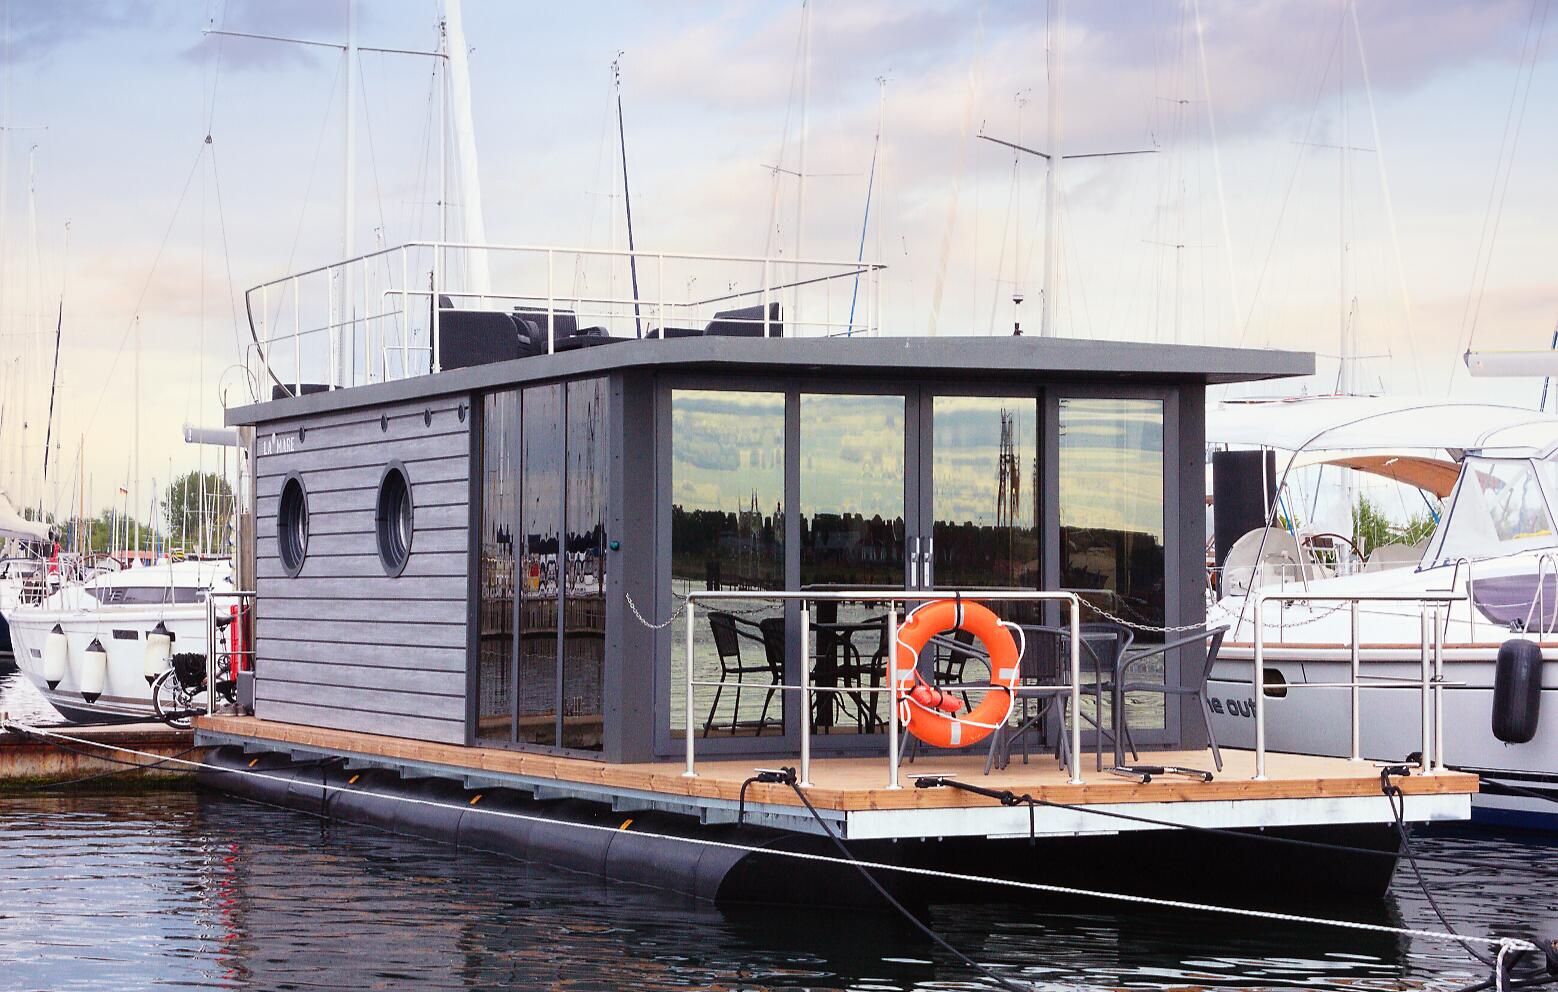 hausboot-uebernachtung-ohne-sauna-3-tage-2-uen-4-personen-bg1